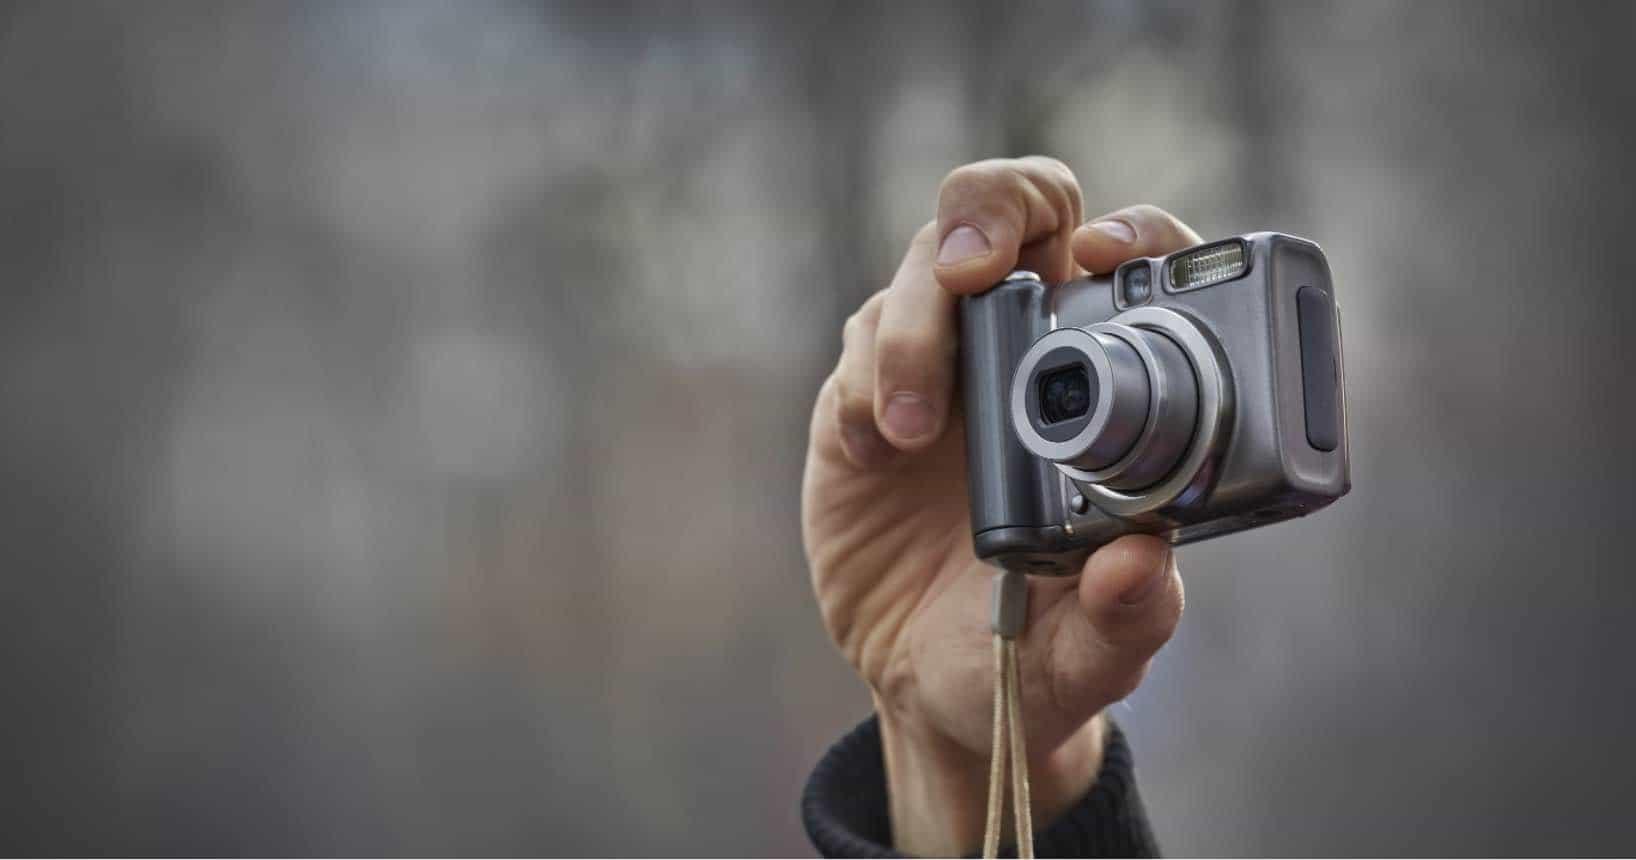 Instant Cameras 2018